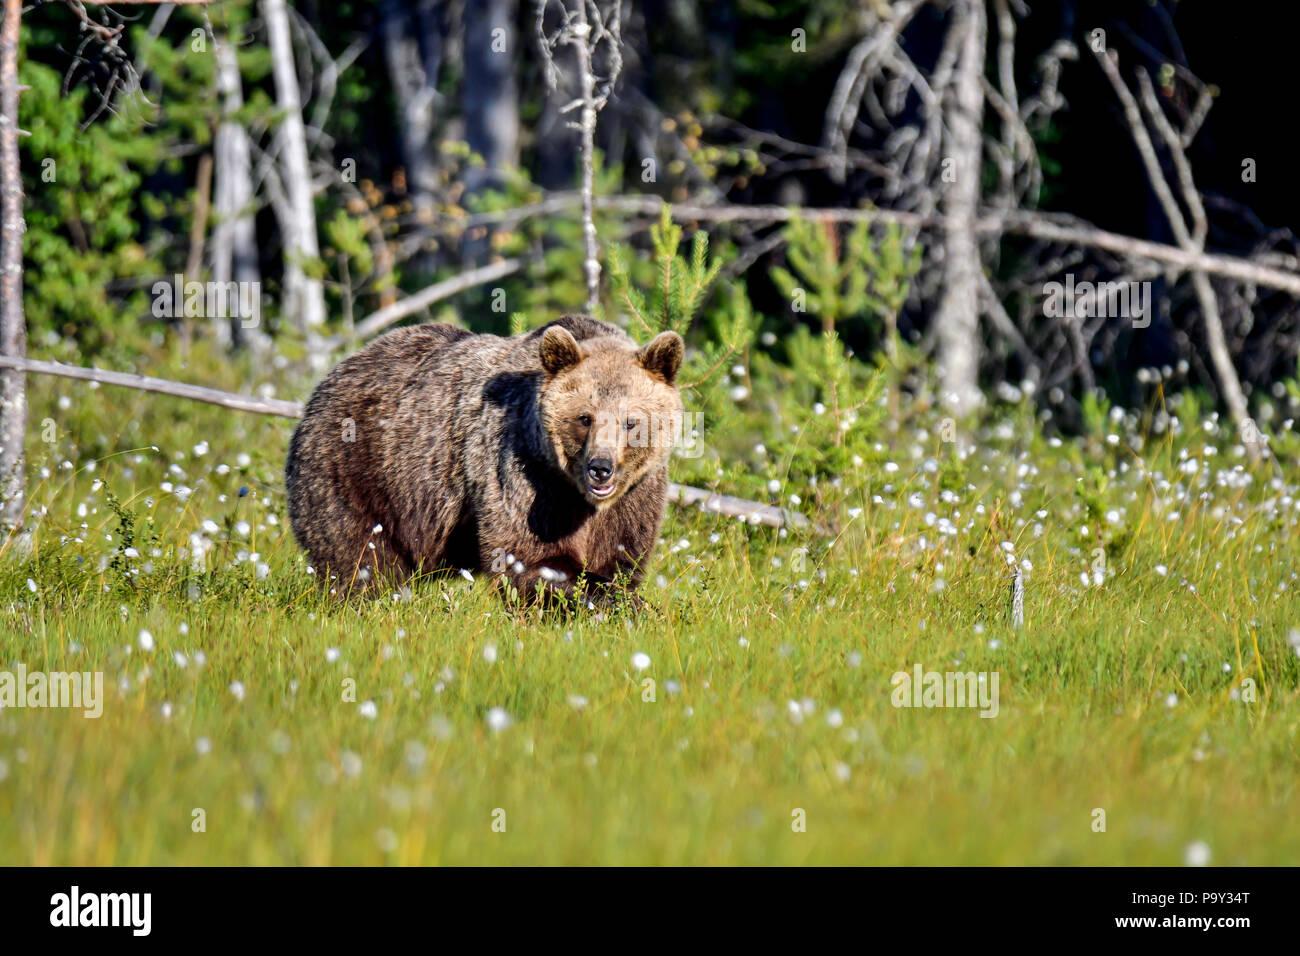 Braunbär ist die Eingabe in die offene Sumpf aus dem Wald. Obwohl, es ist noch nicht sicher, ob es sicher ist, was zu tun ist. Stockfoto